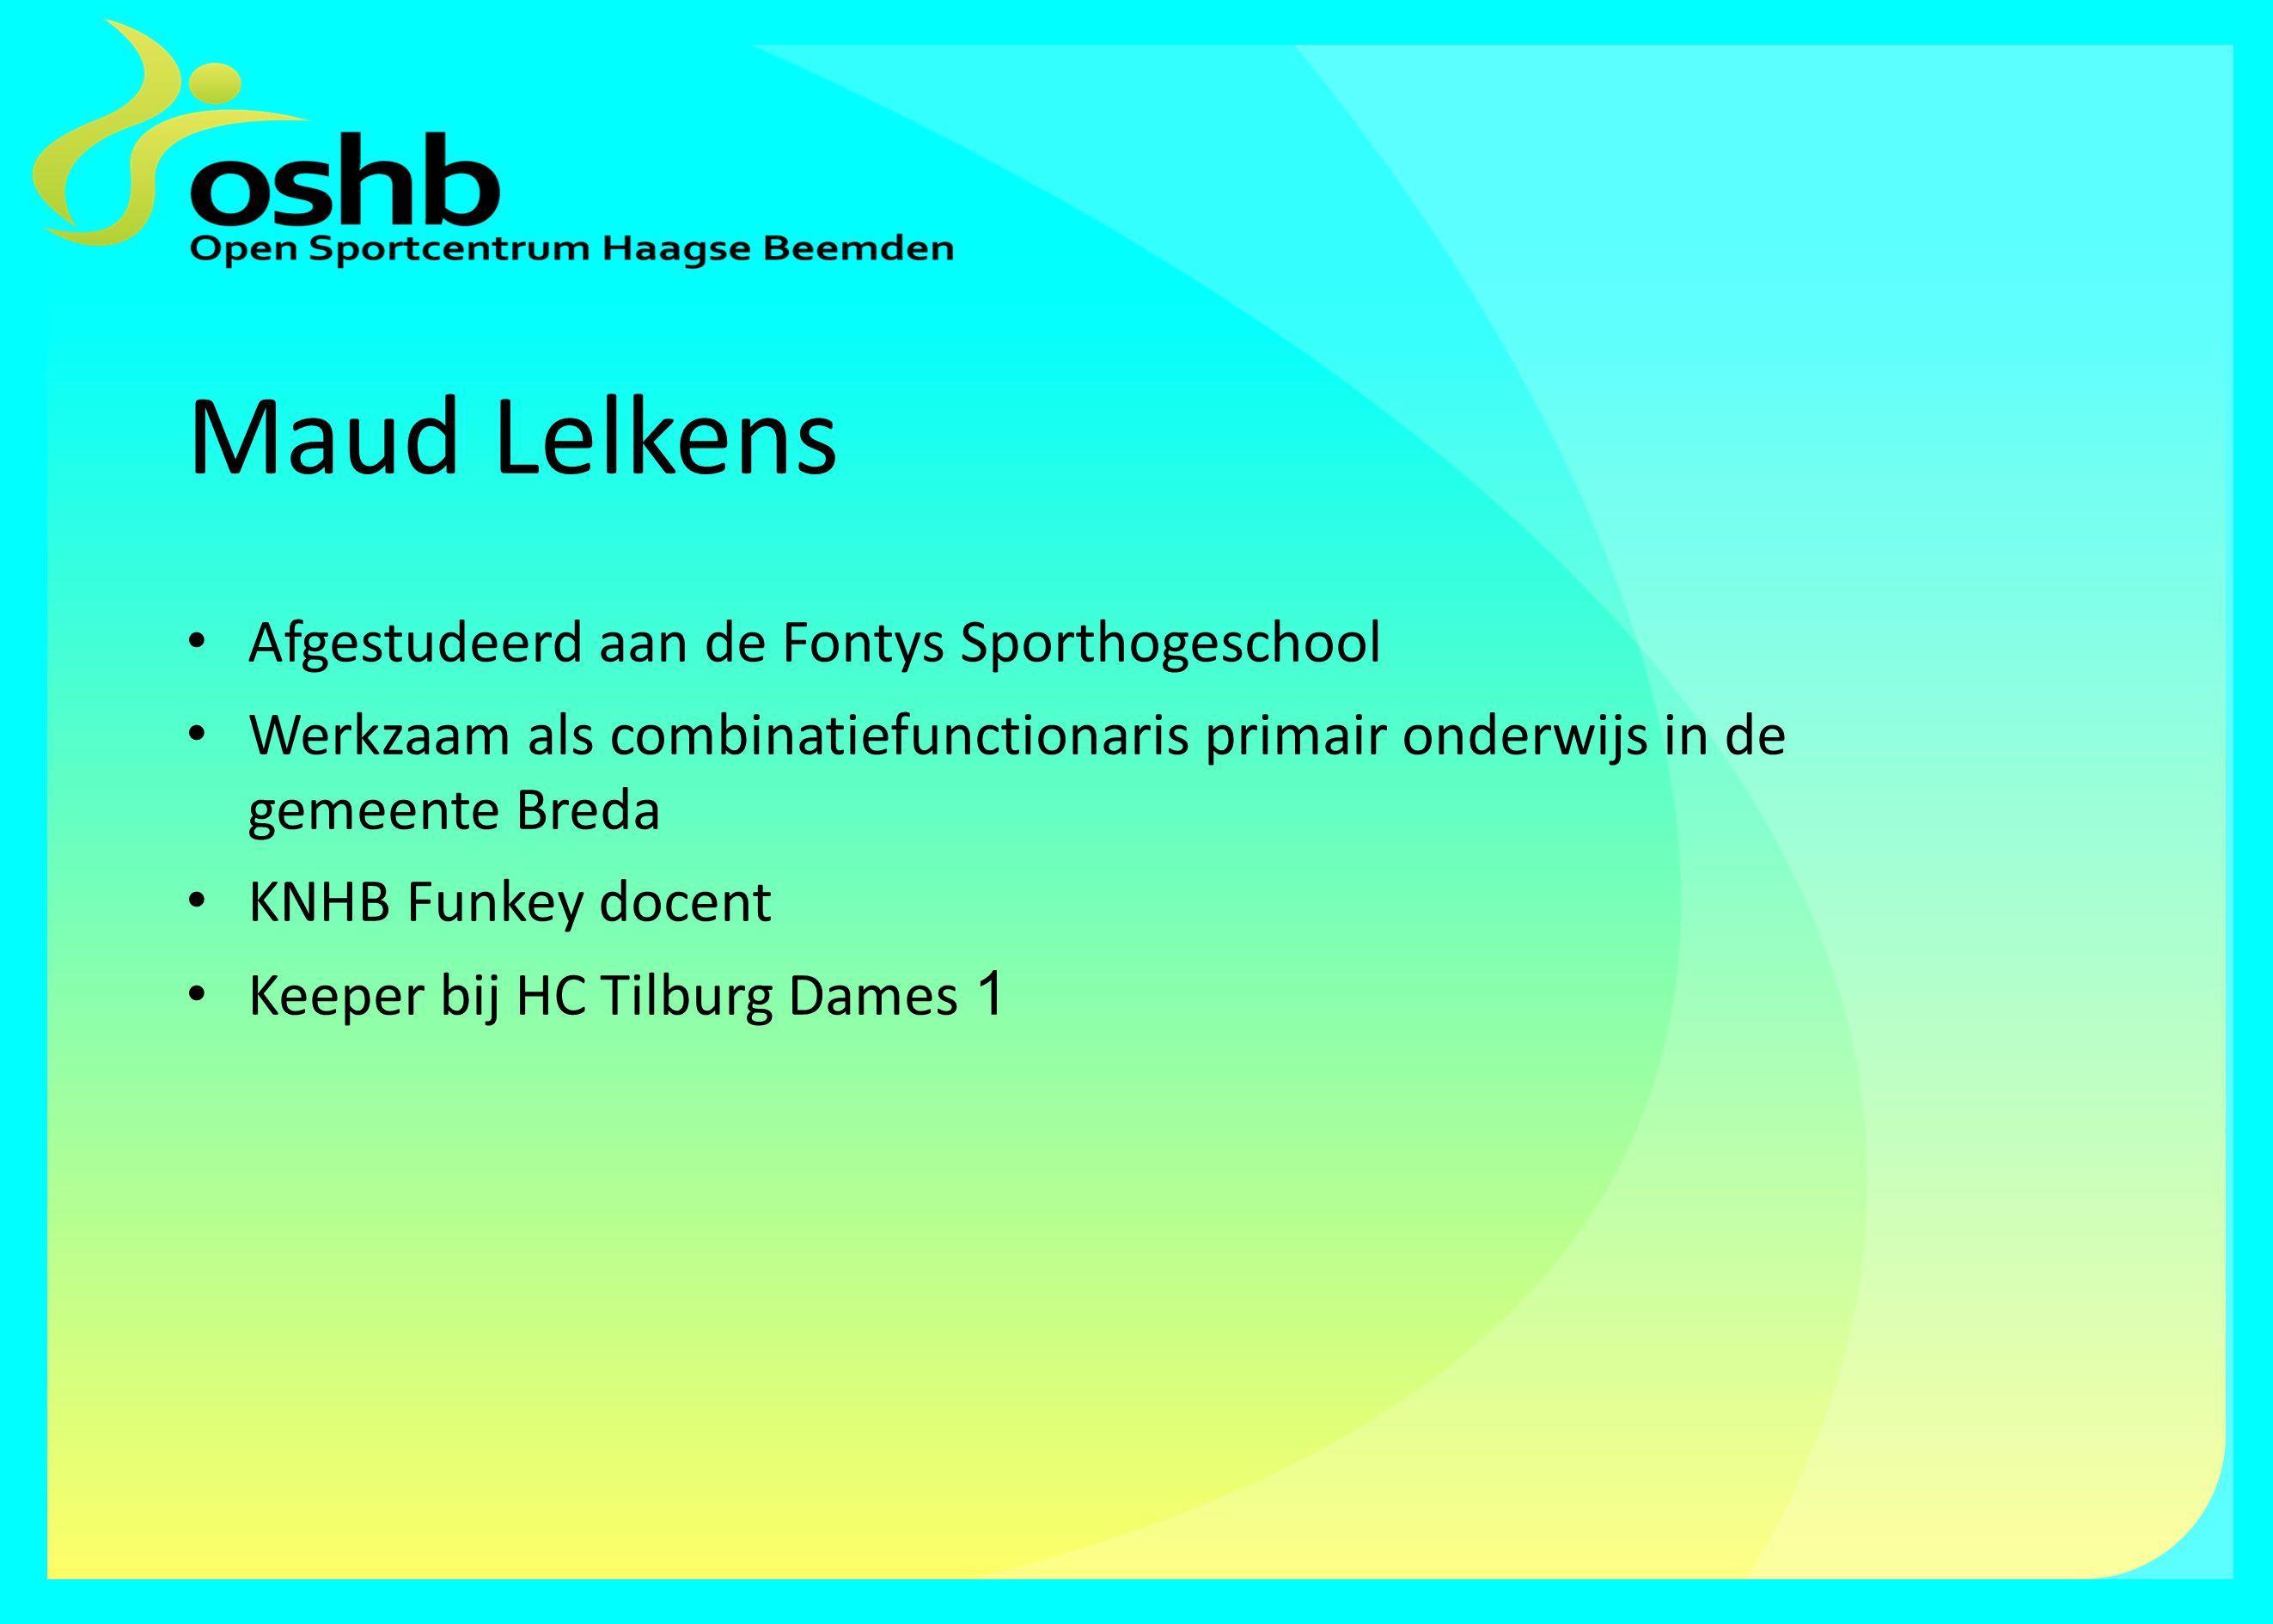 Maud Lelkens Afgestudeerd aan de Fontys Sporthogeschool Werkzaam als combinatiefunctionaris primair onderwijs in de gemeente Breda KNHB Funkey docent Keeper bij HC Tilburg Dames 1